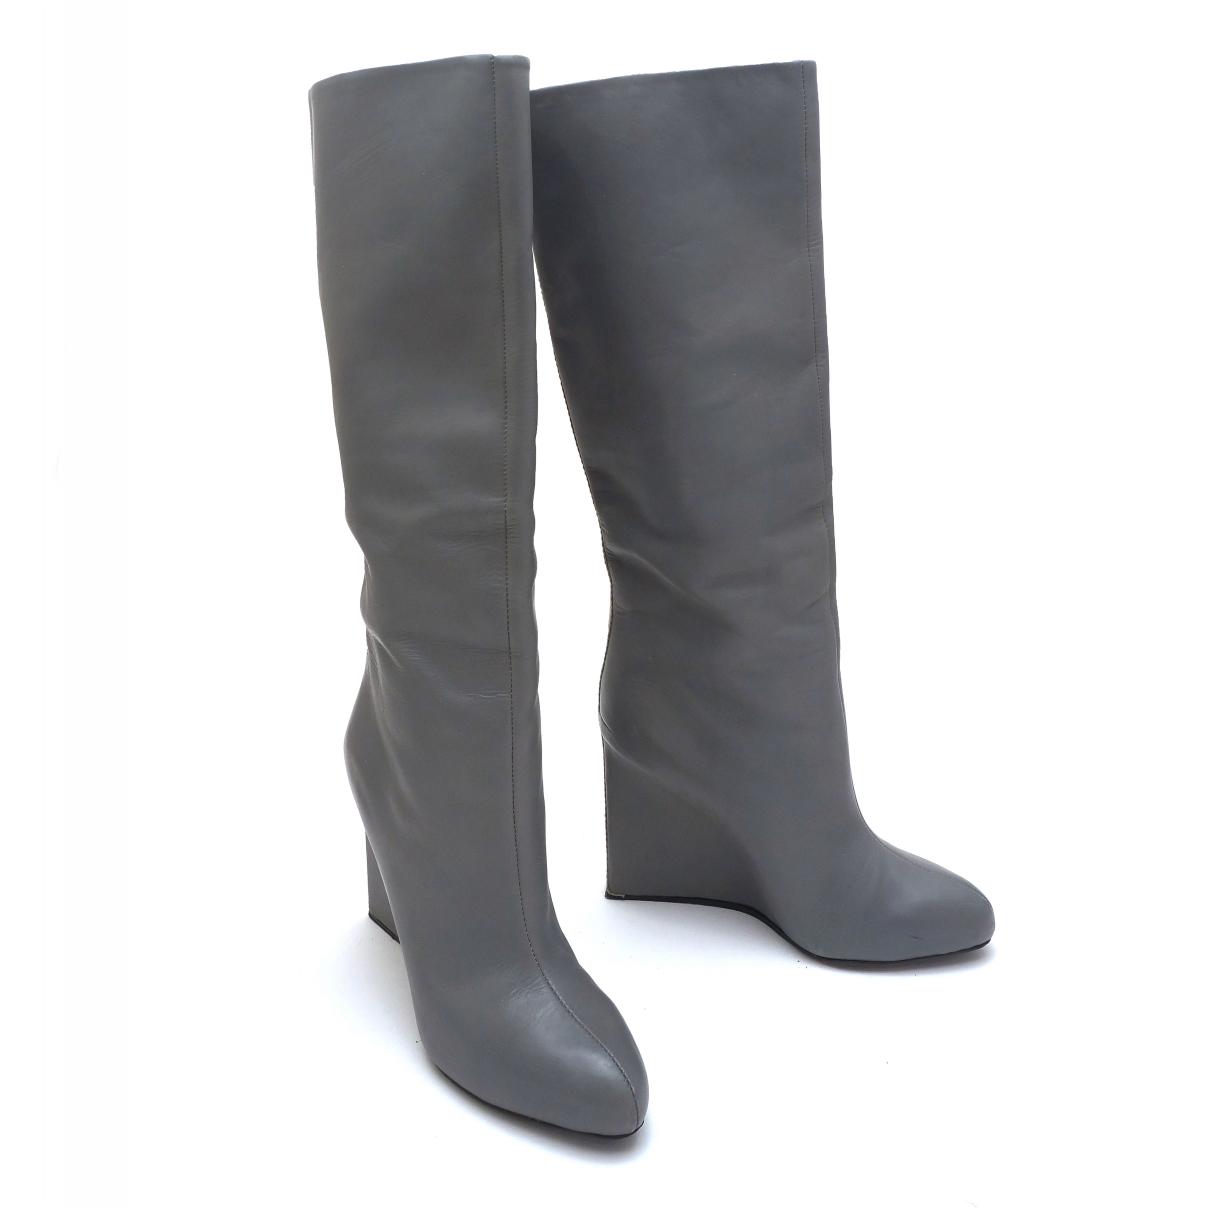 Chloe - Bottes   pour femme en cuir - gris